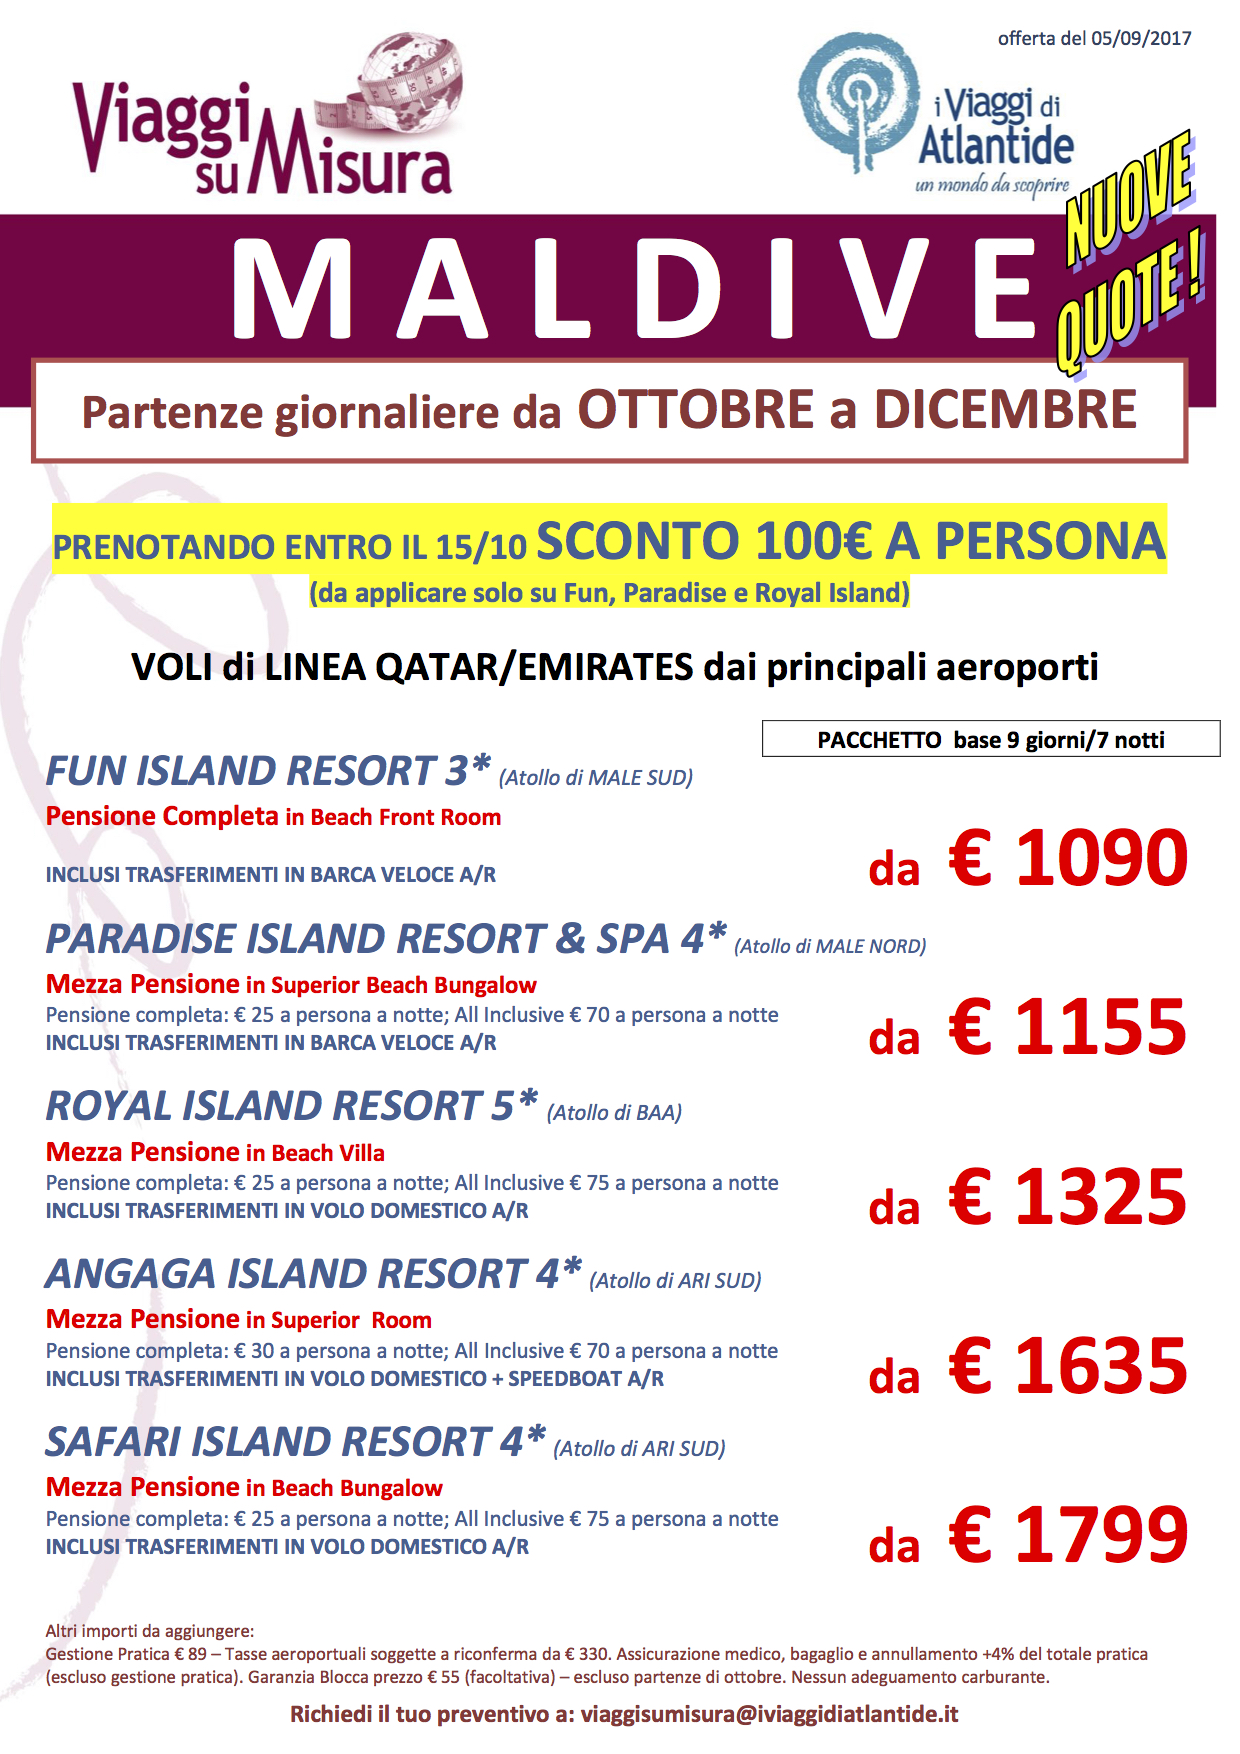 maldive-ott-dic4-77164-2-3.jpg